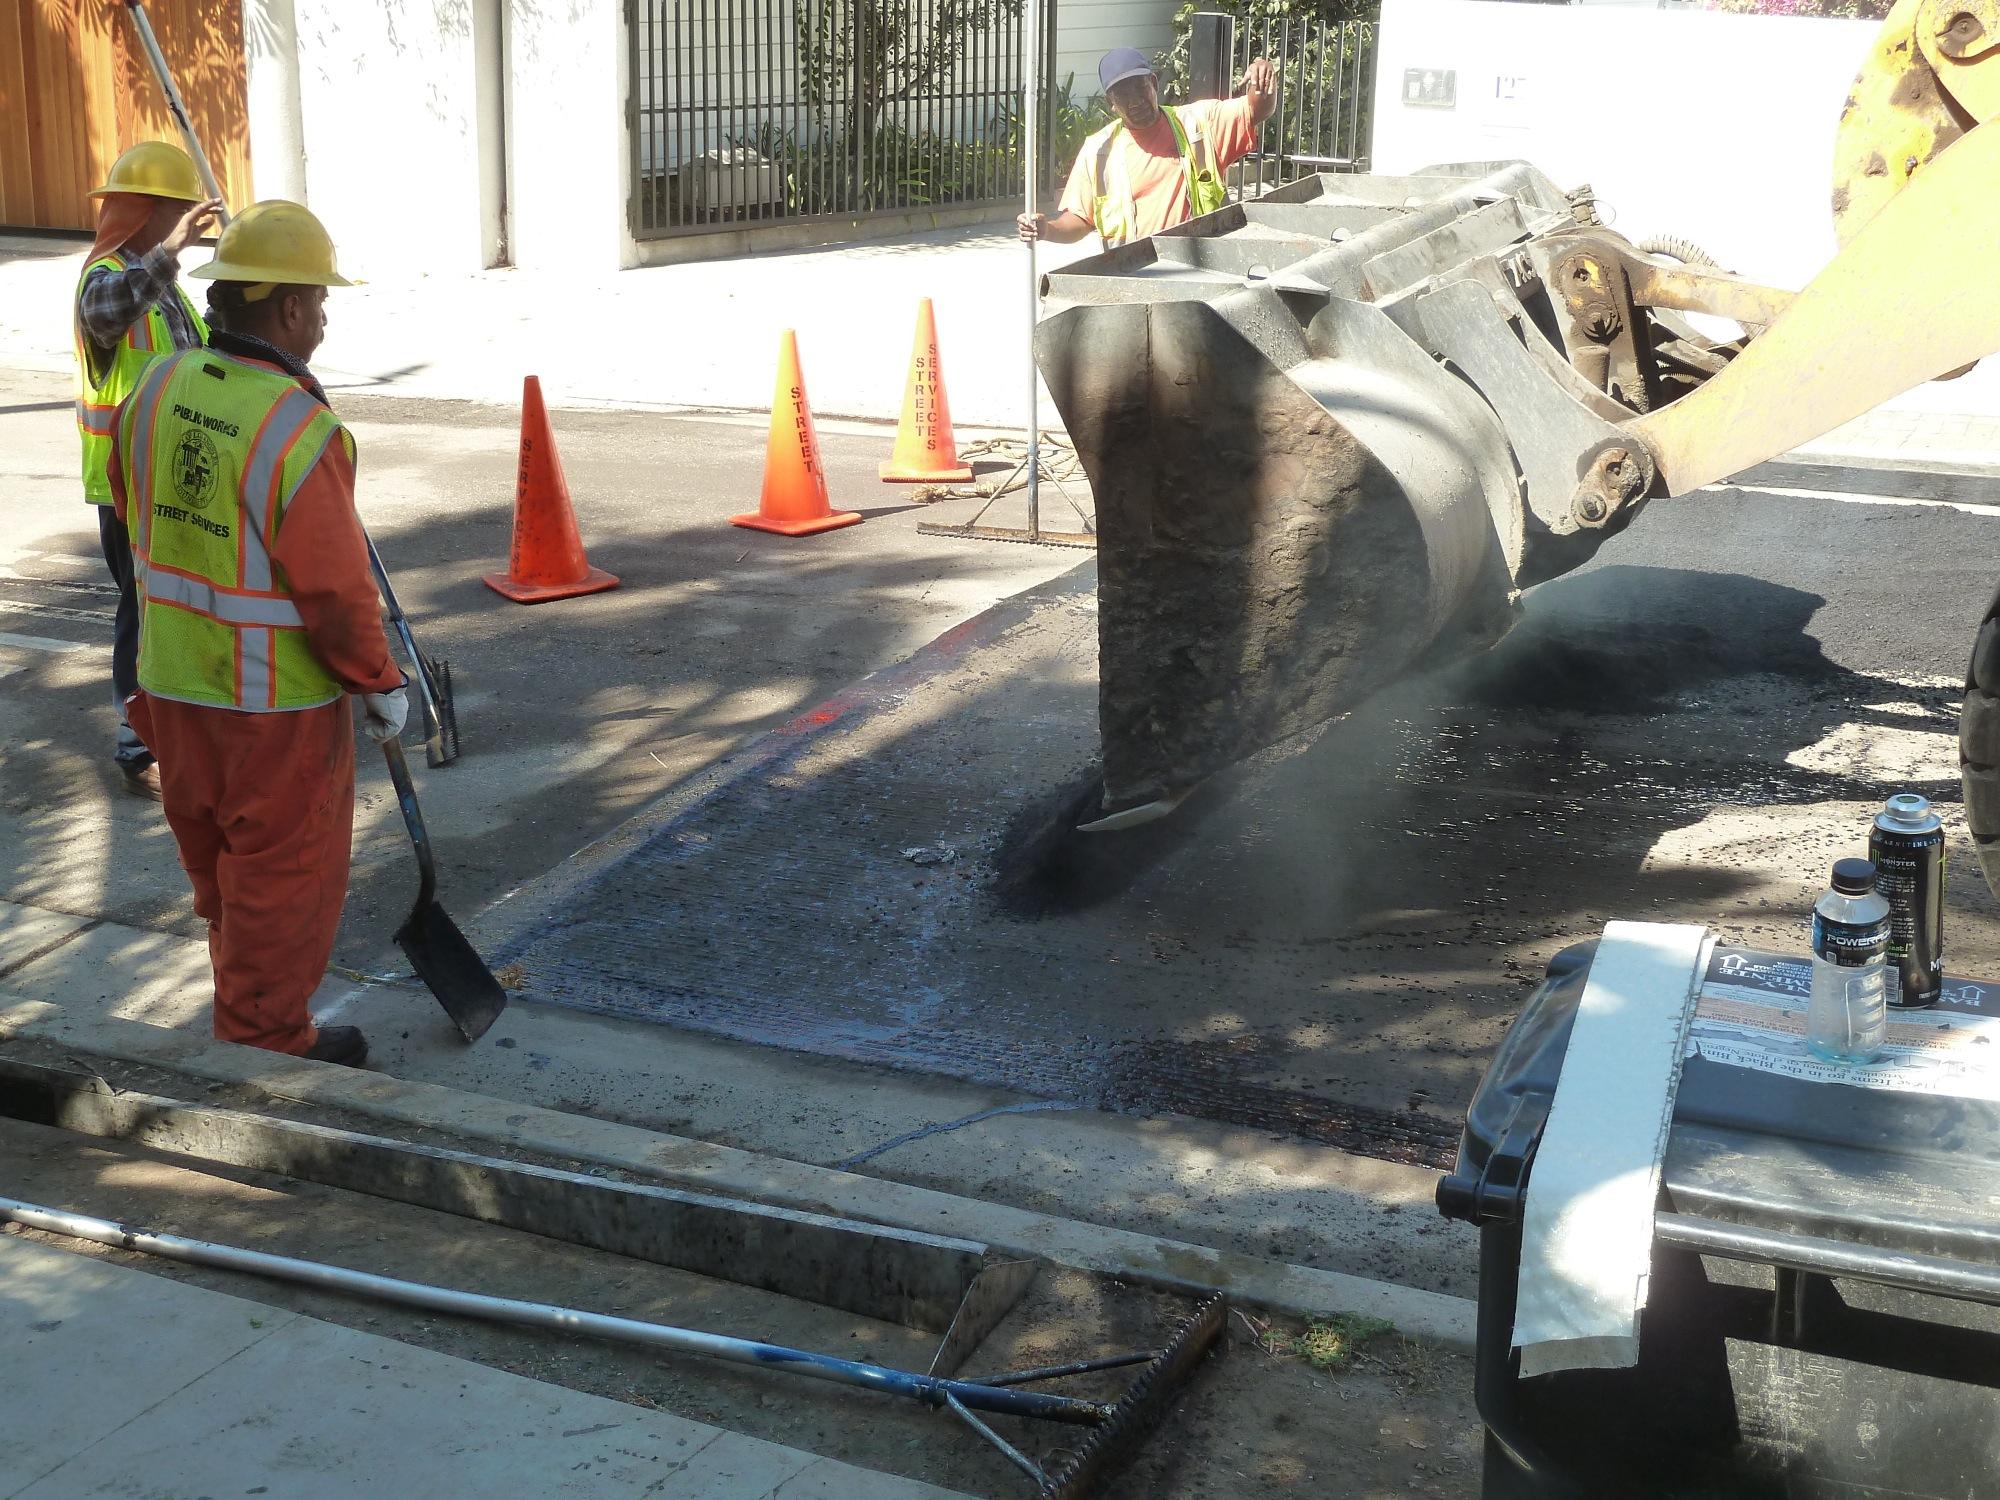 Pour asphalt into the hump area